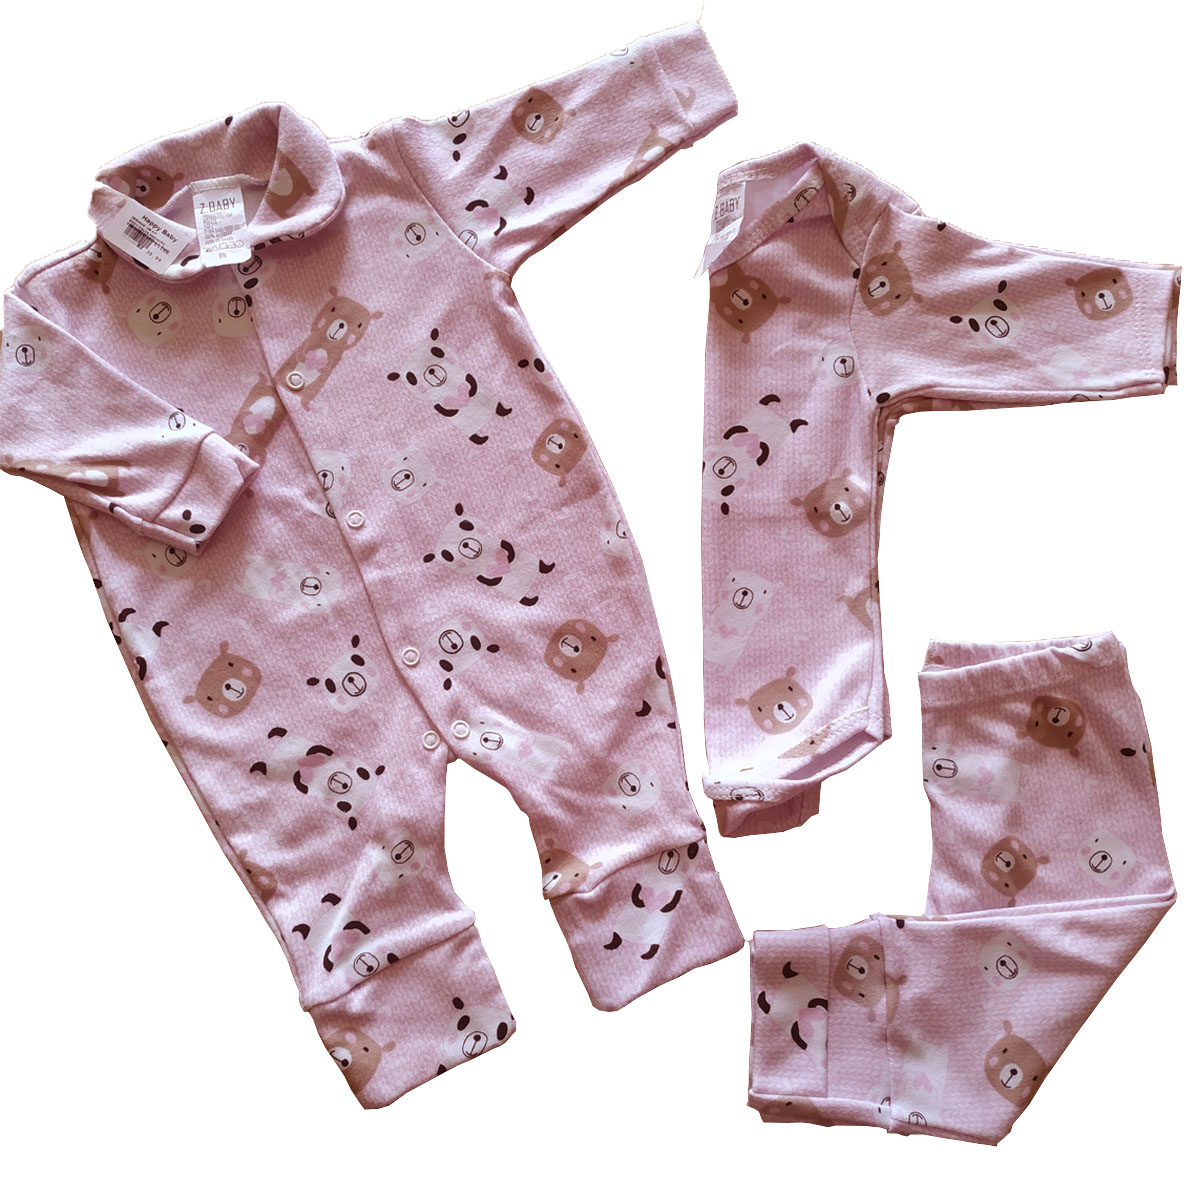 Conjuntinho Roupa de Bebê 3 Peças Fluffy Cupcake - Macacão, Body e Mijão